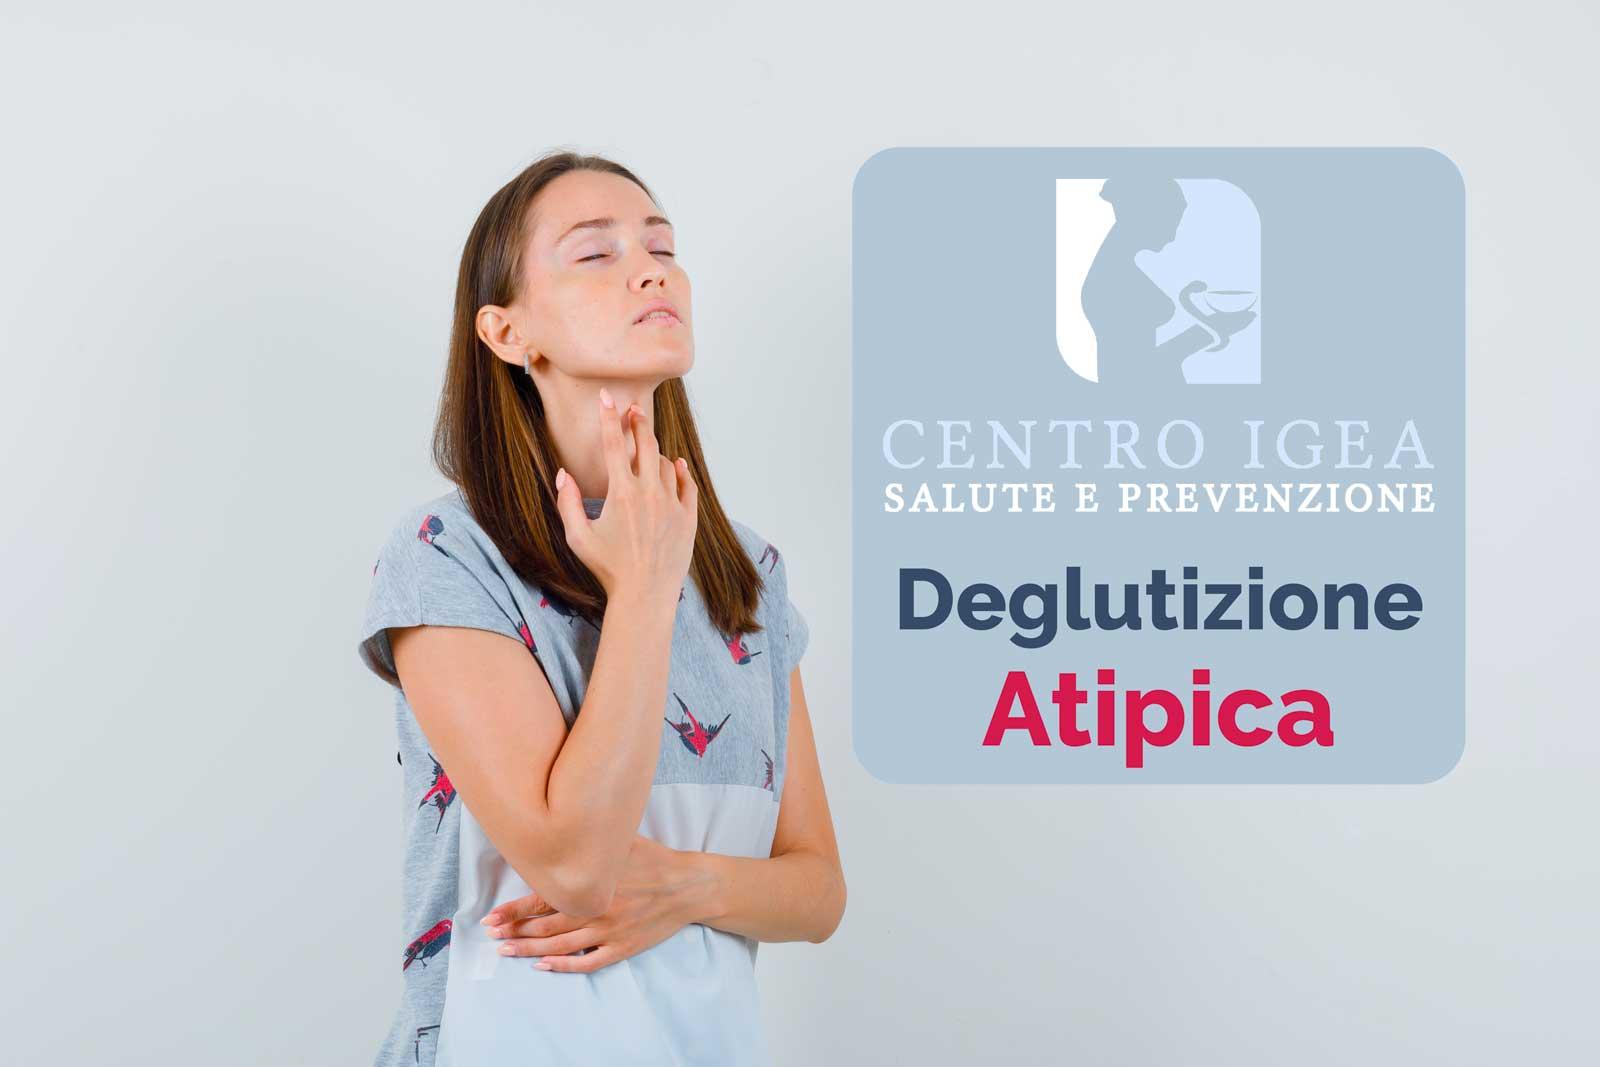 Donna mano sulla gola deglutizione atipica